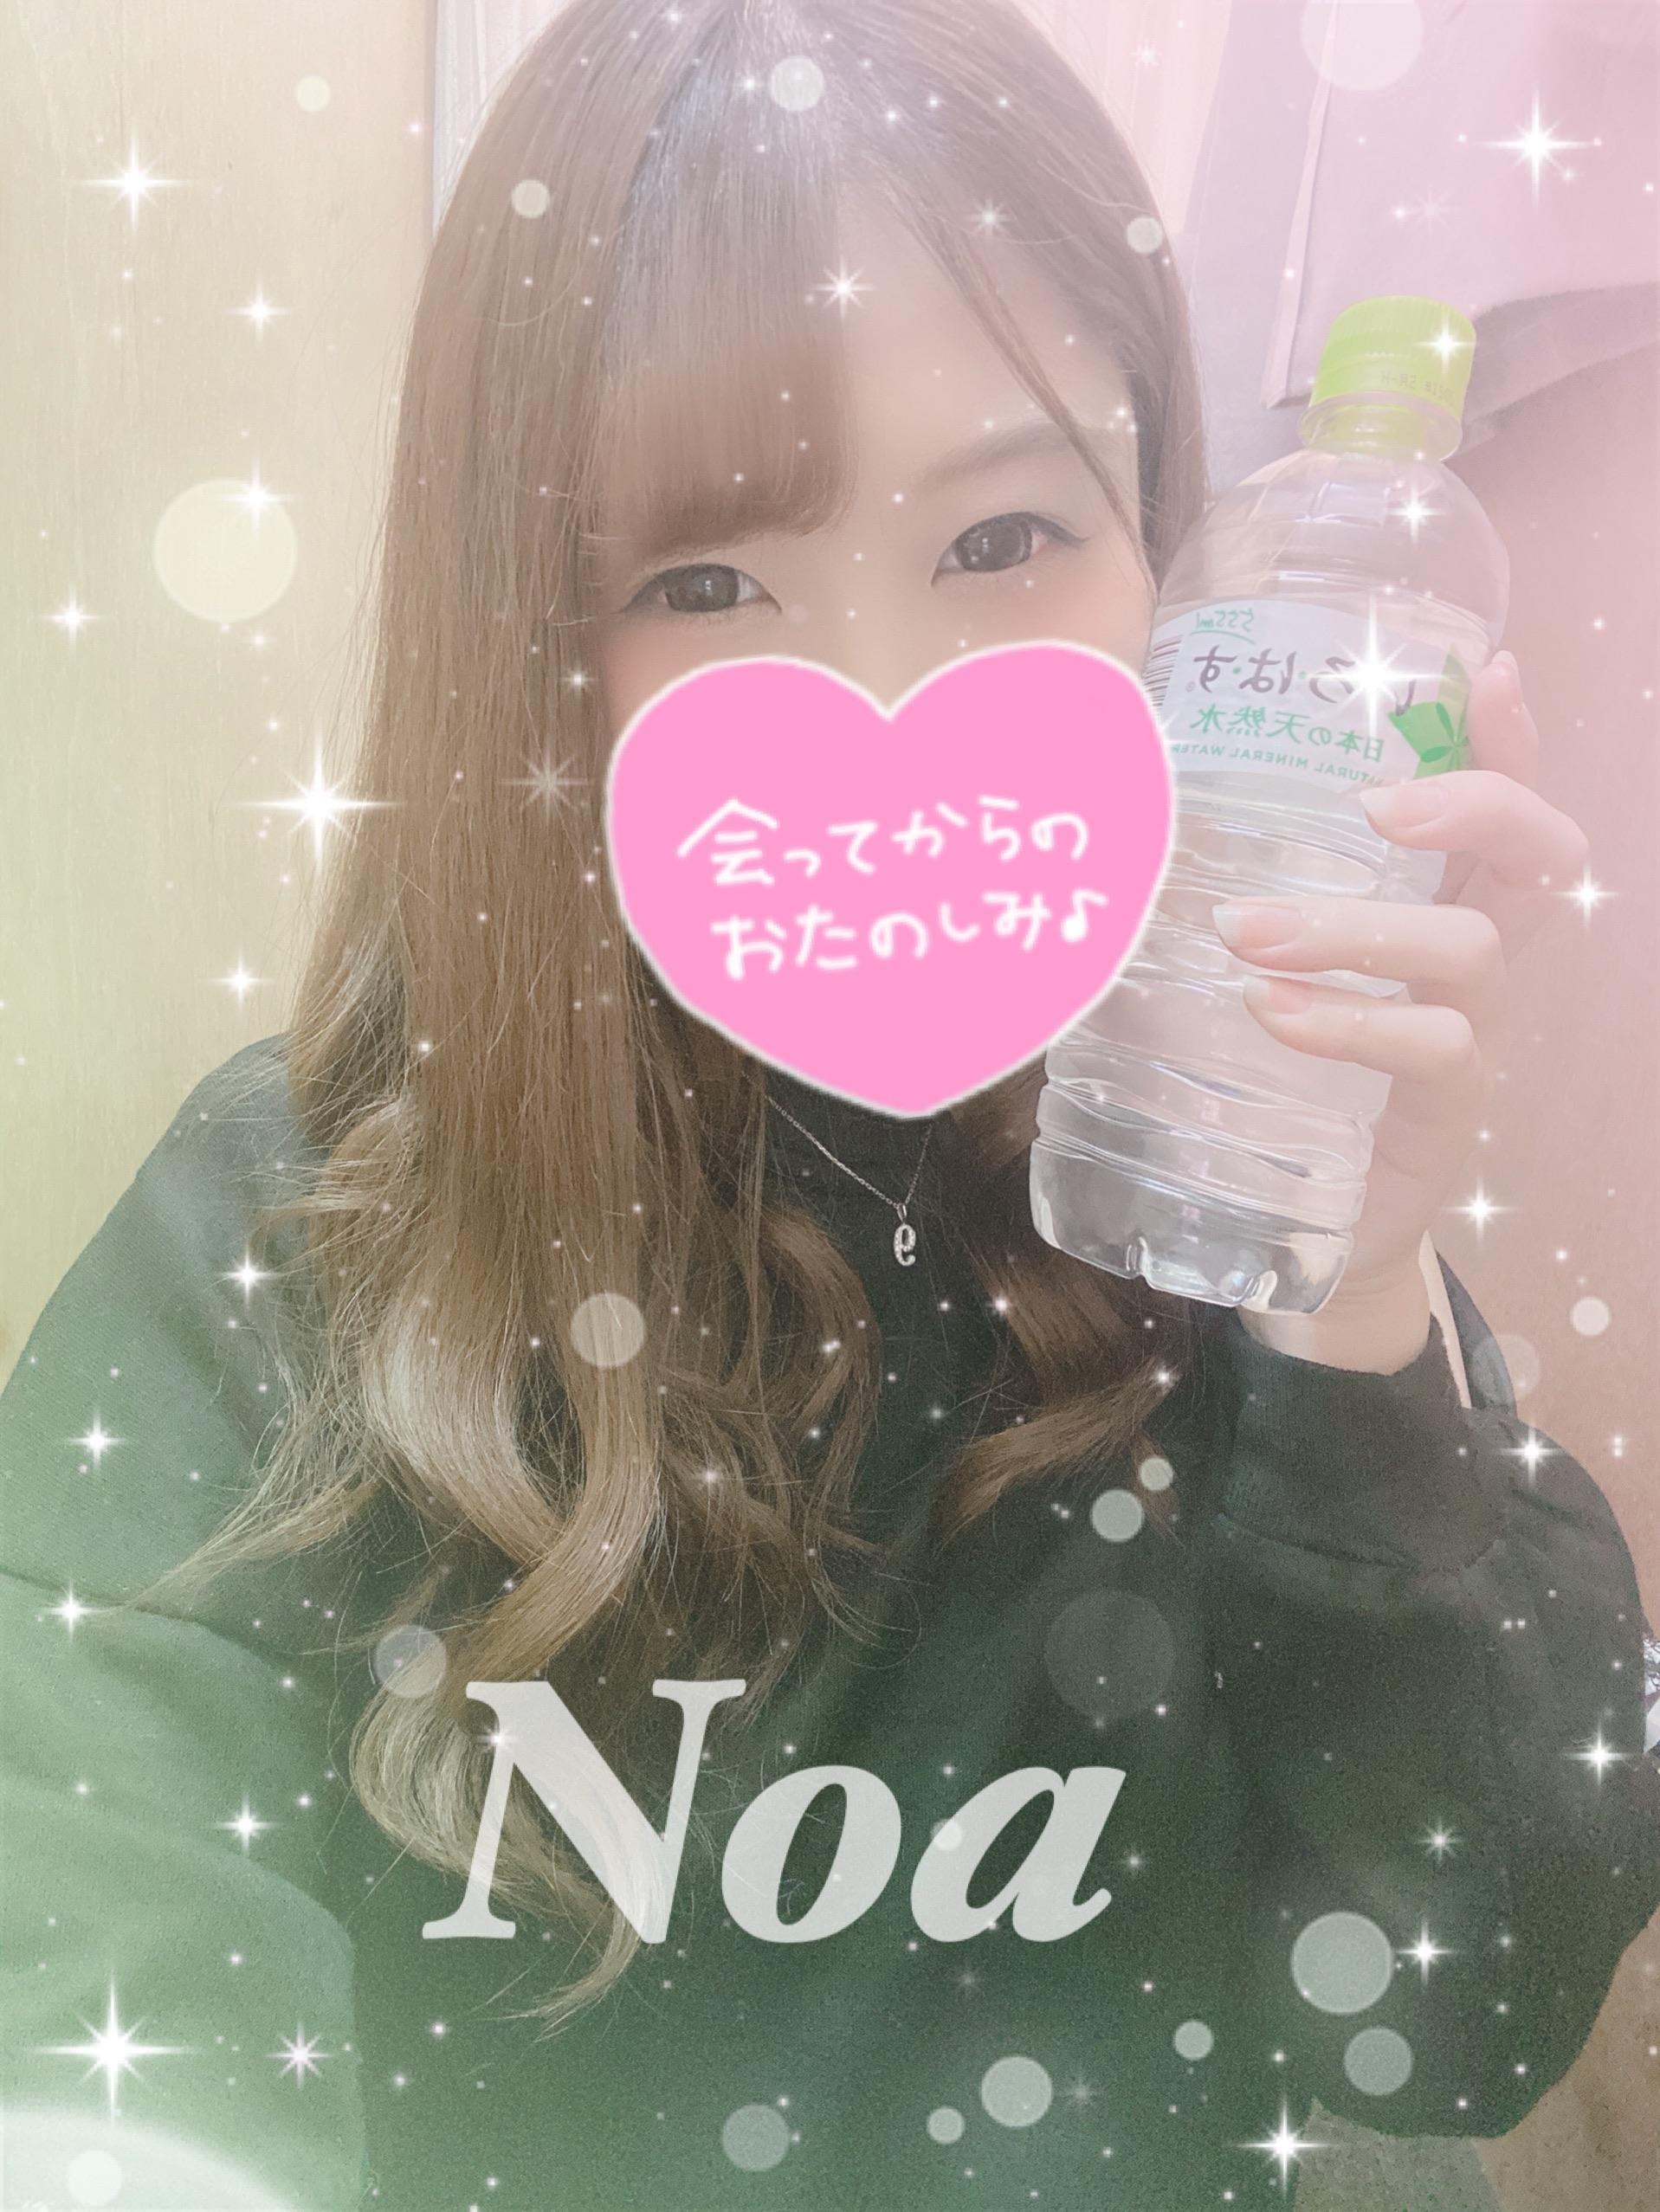 「20時~!!!」02/01(02/01) 19:48 | のあの写メ・風俗動画